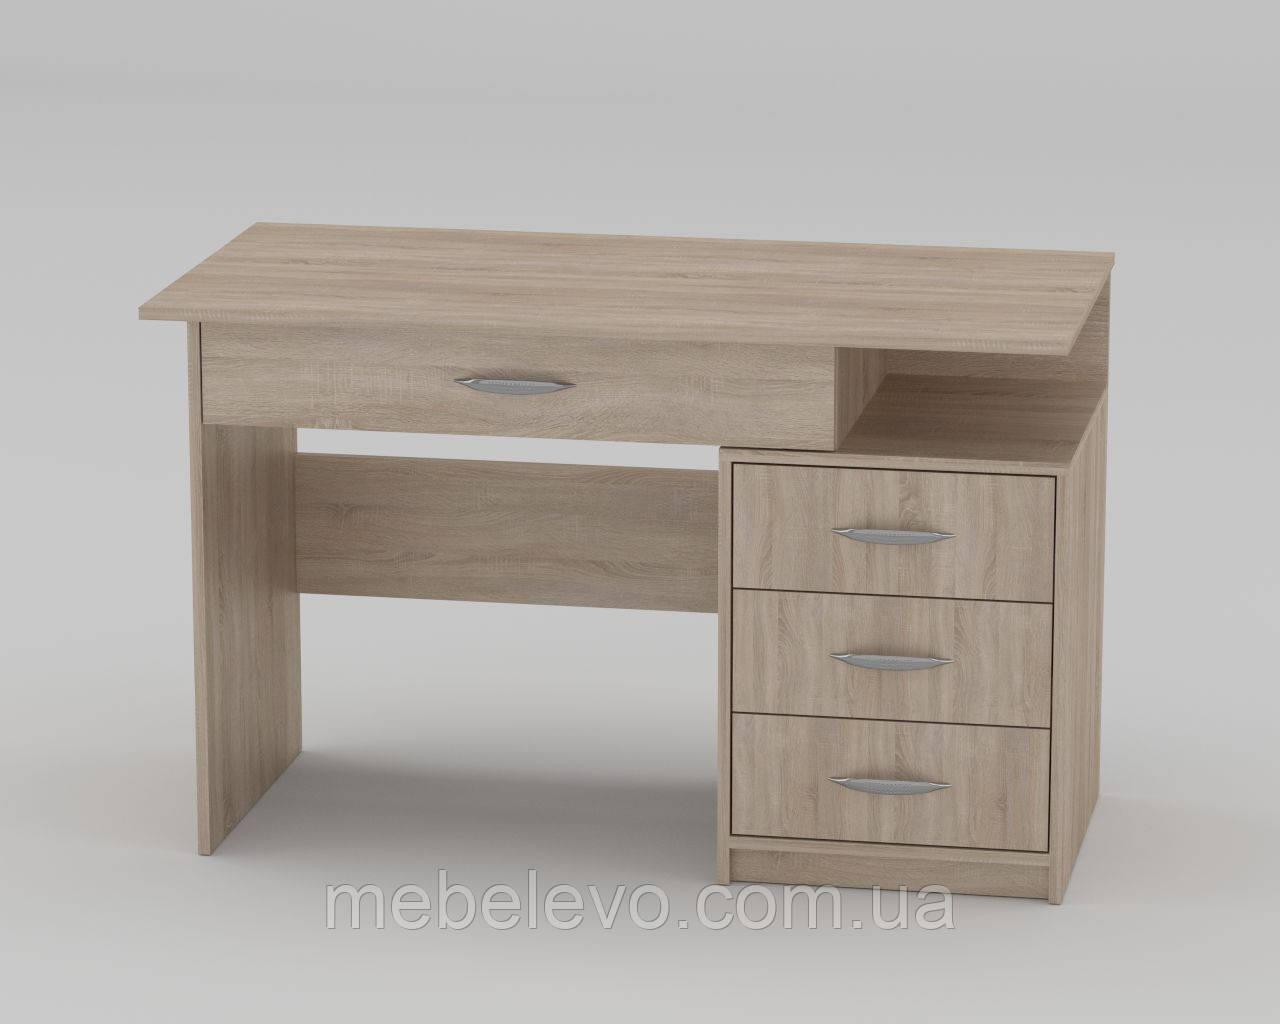 стол письменный Студент-2 750х1200х600мм    Компанит - Mebel Evolution в Днепре